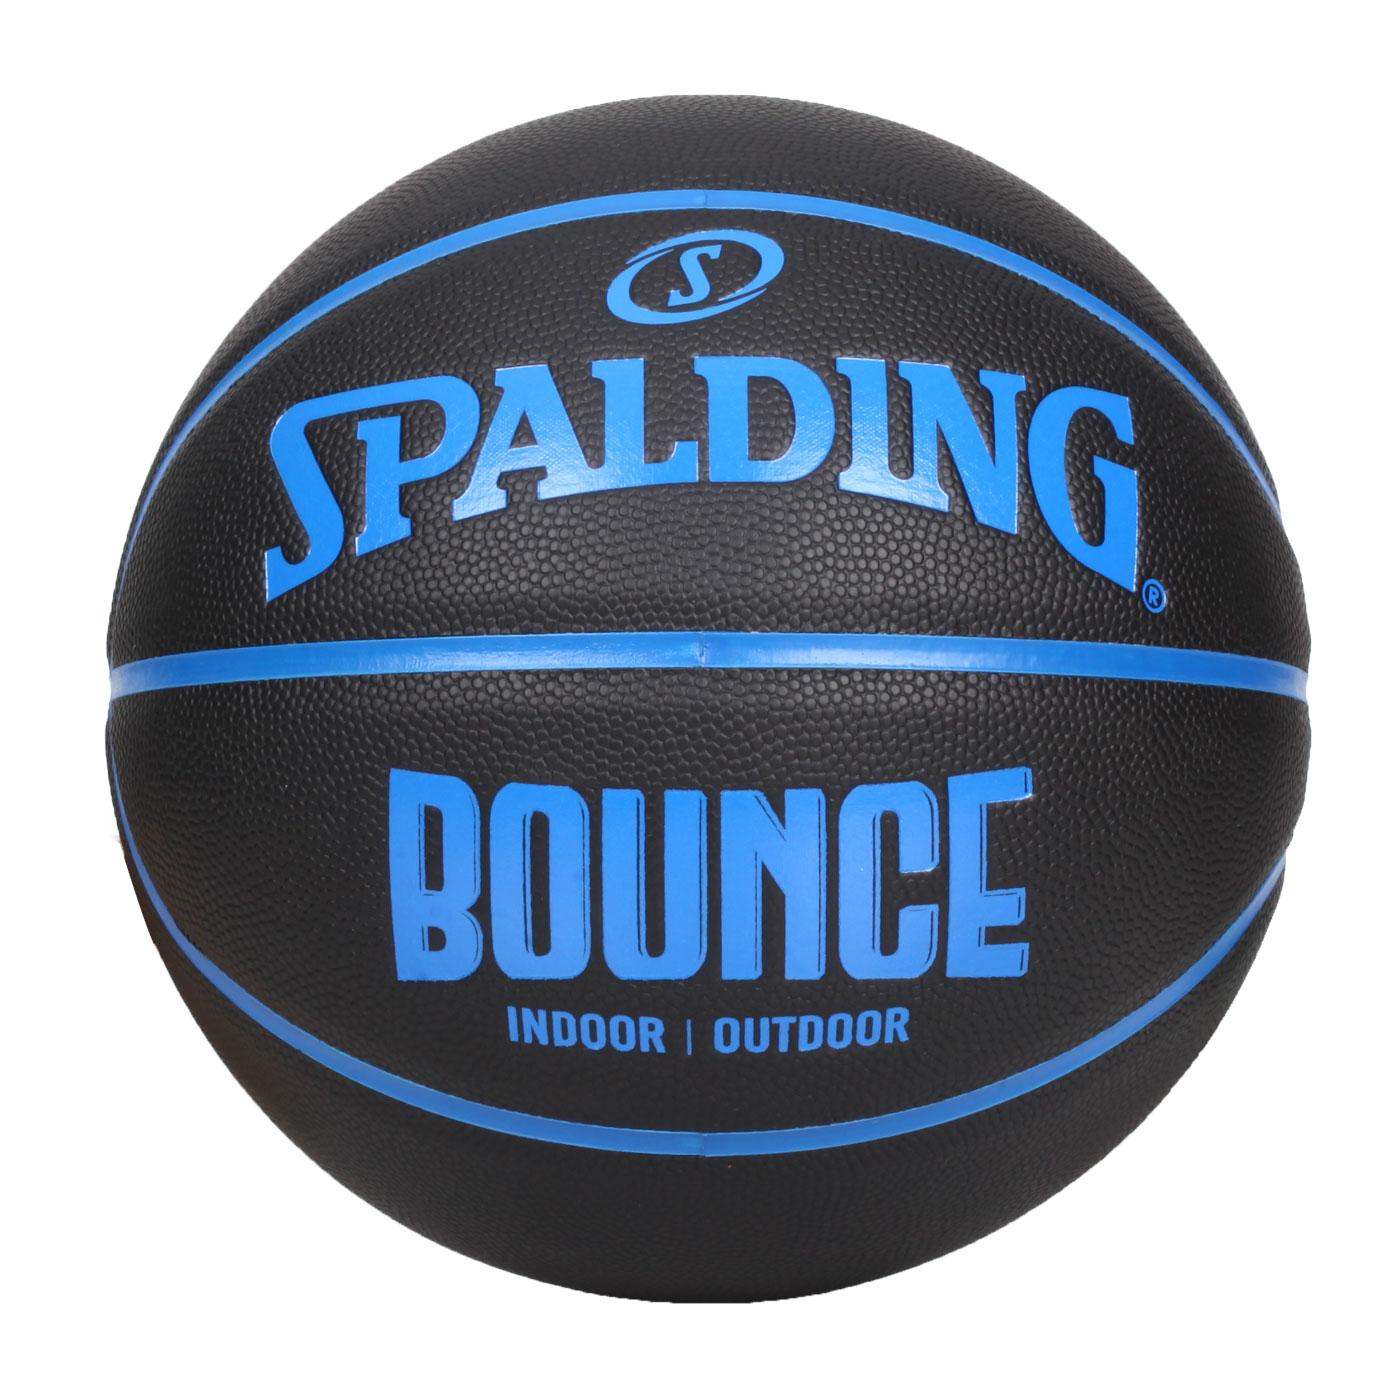 SPALDING Bounce 籃球-PU SPB91004